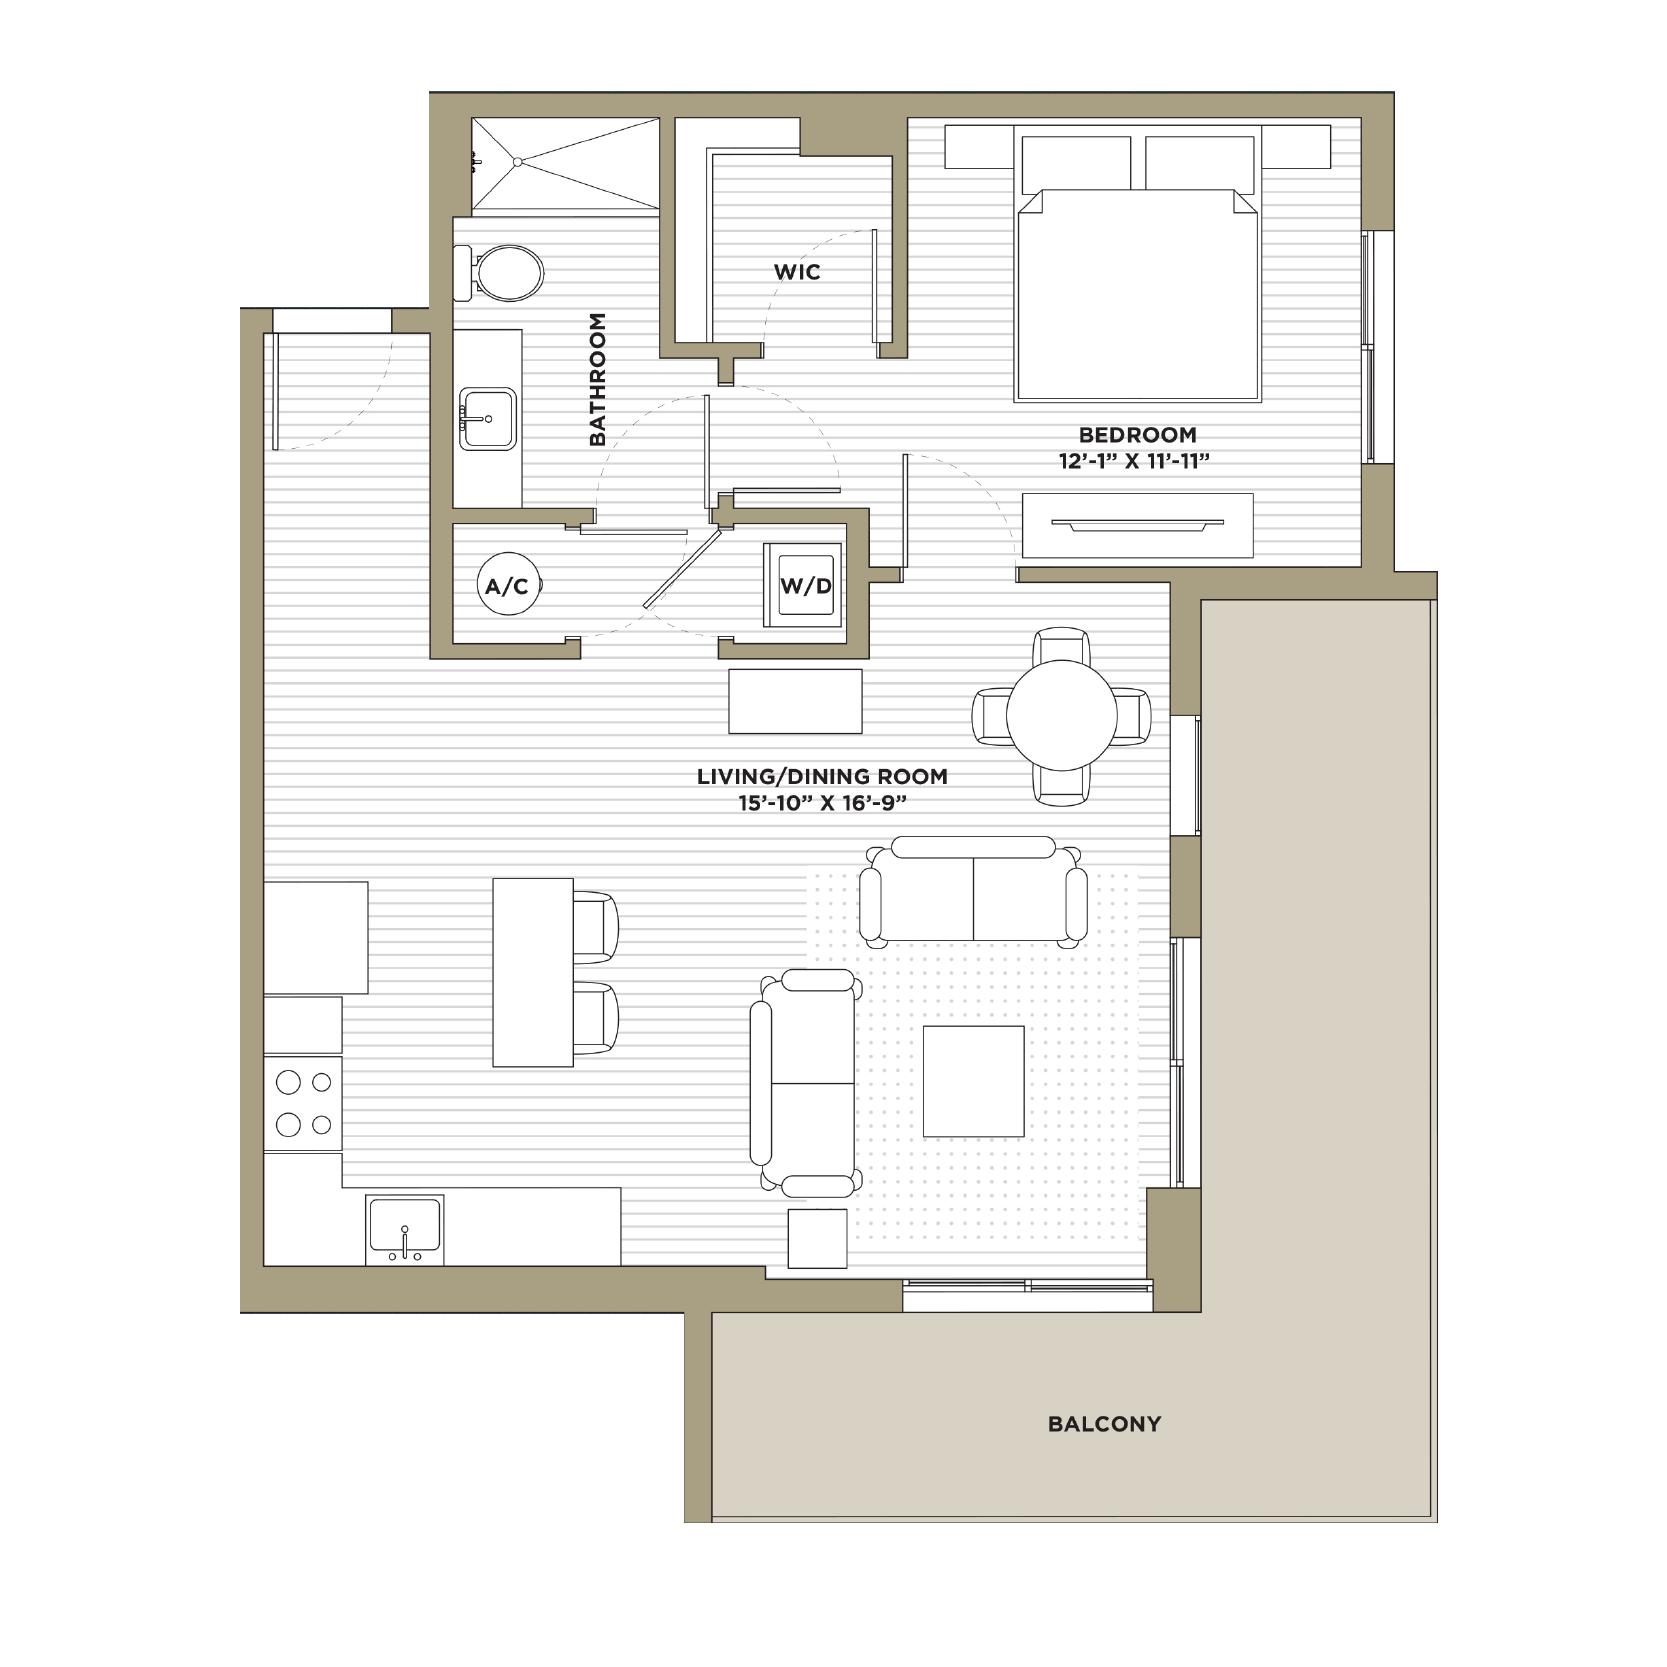 A5 - 1 Bedroom / 1 Bathroom860 sq. ft.